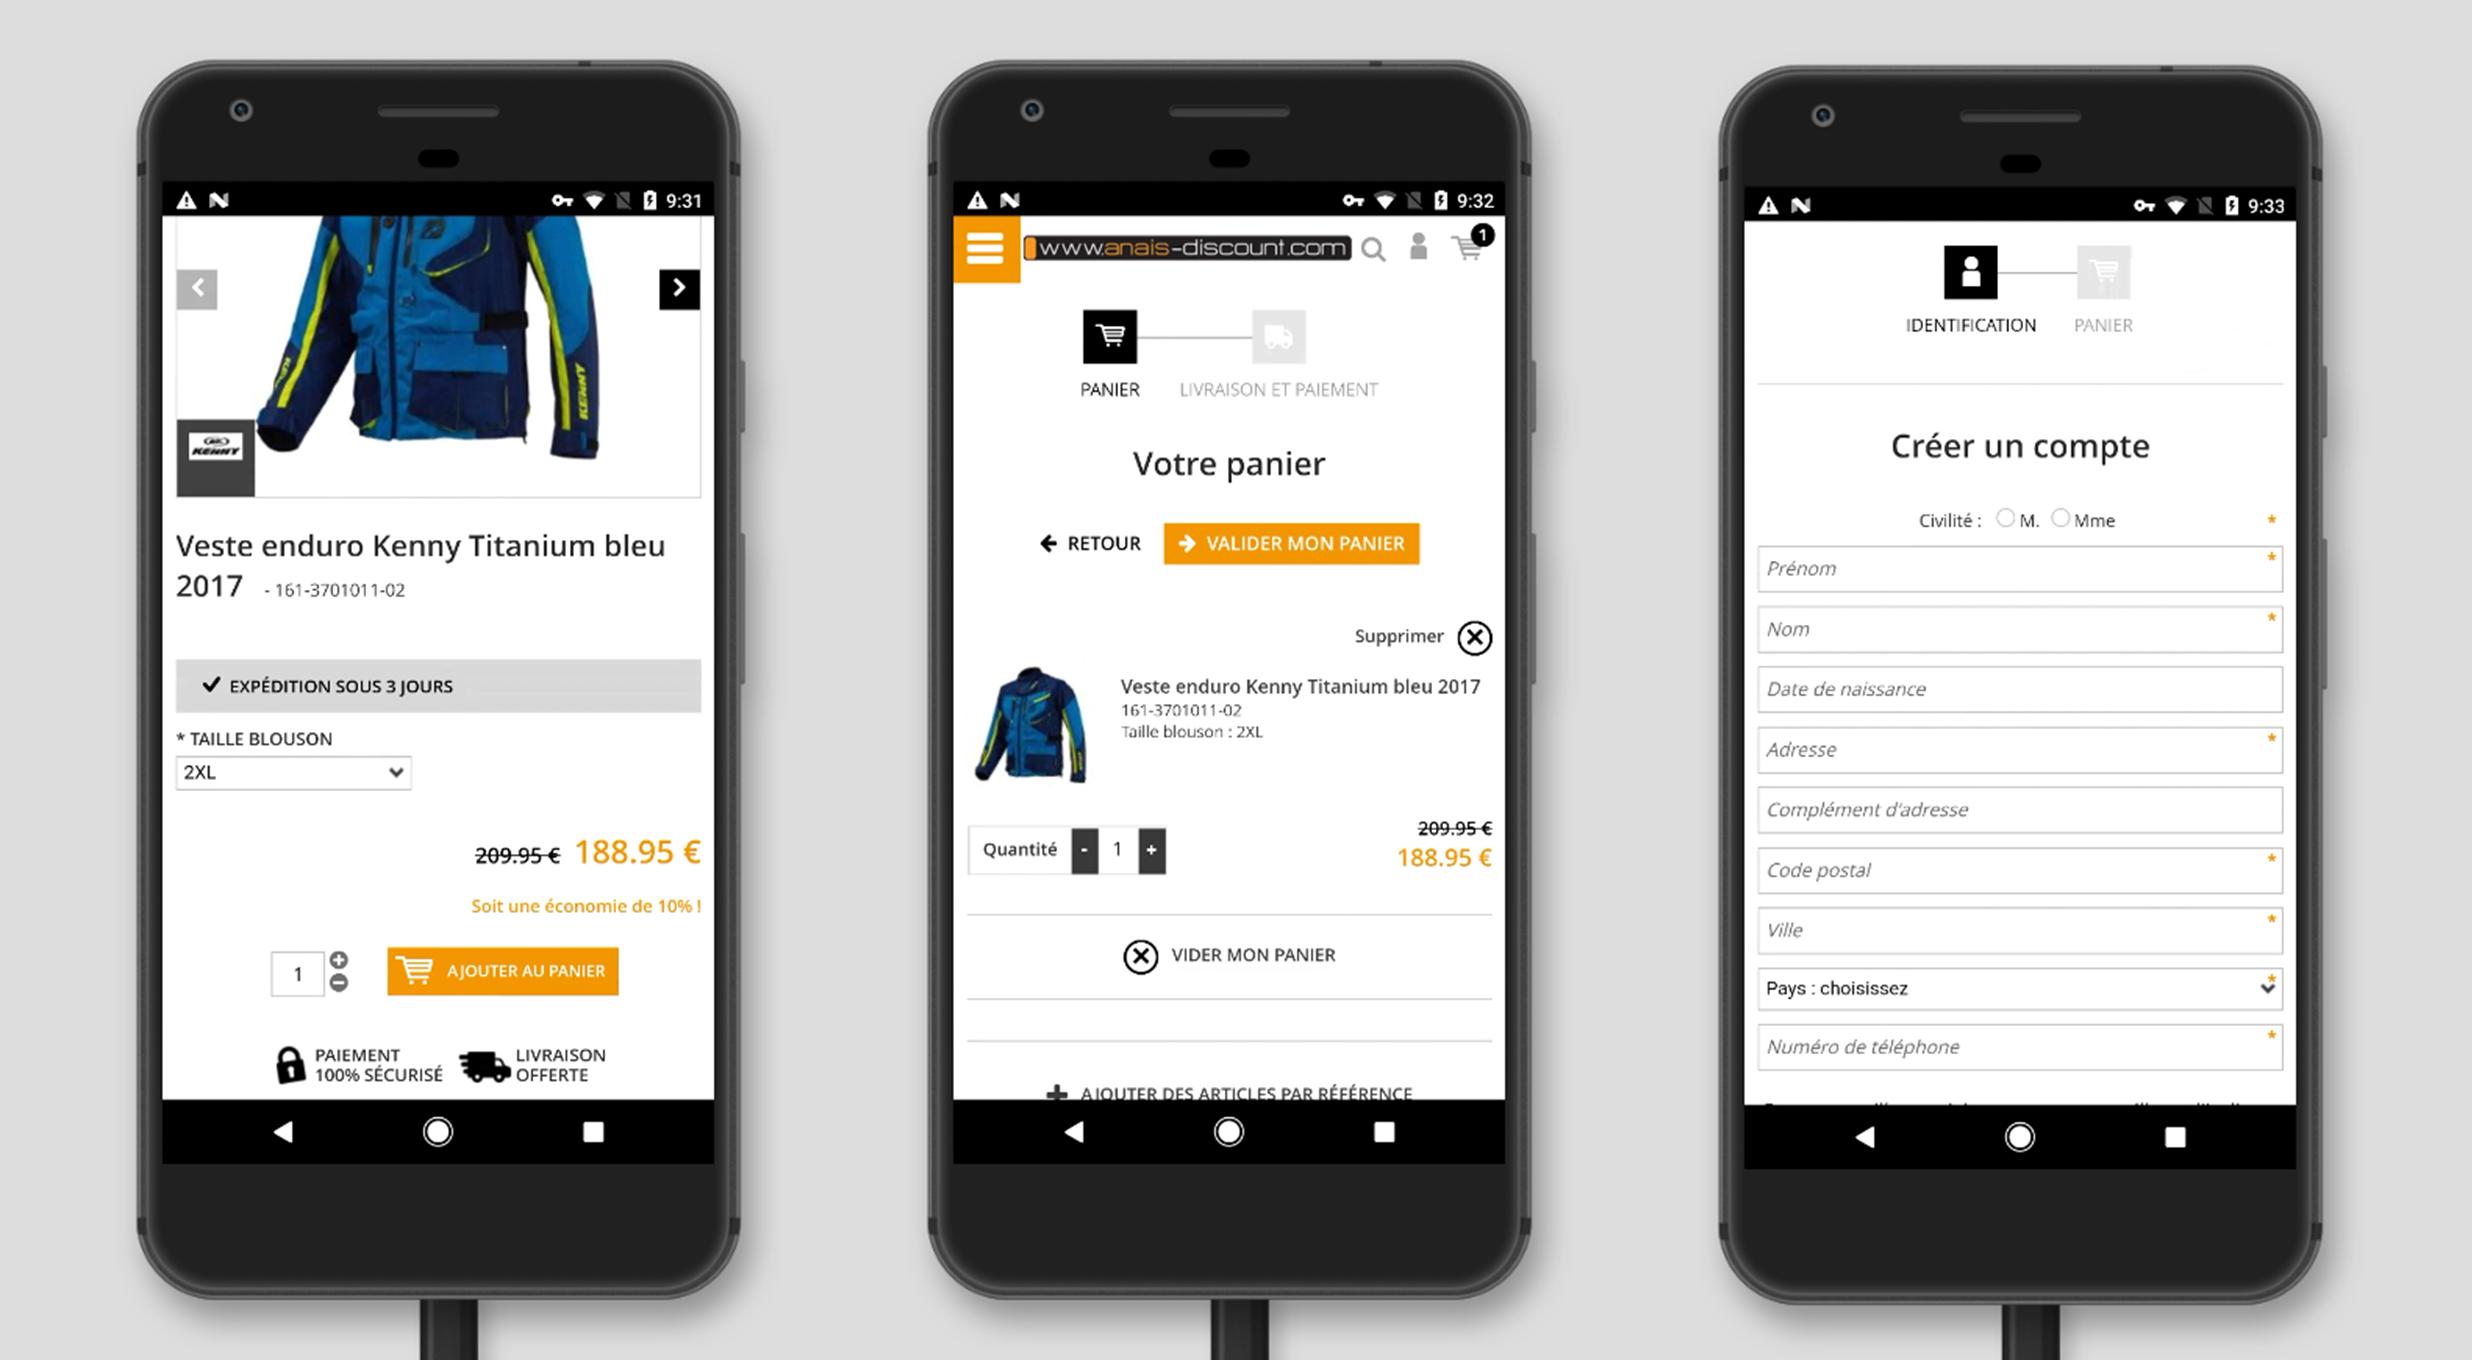 Version mobile pour site e commerce : Mise au panier et creation de compte